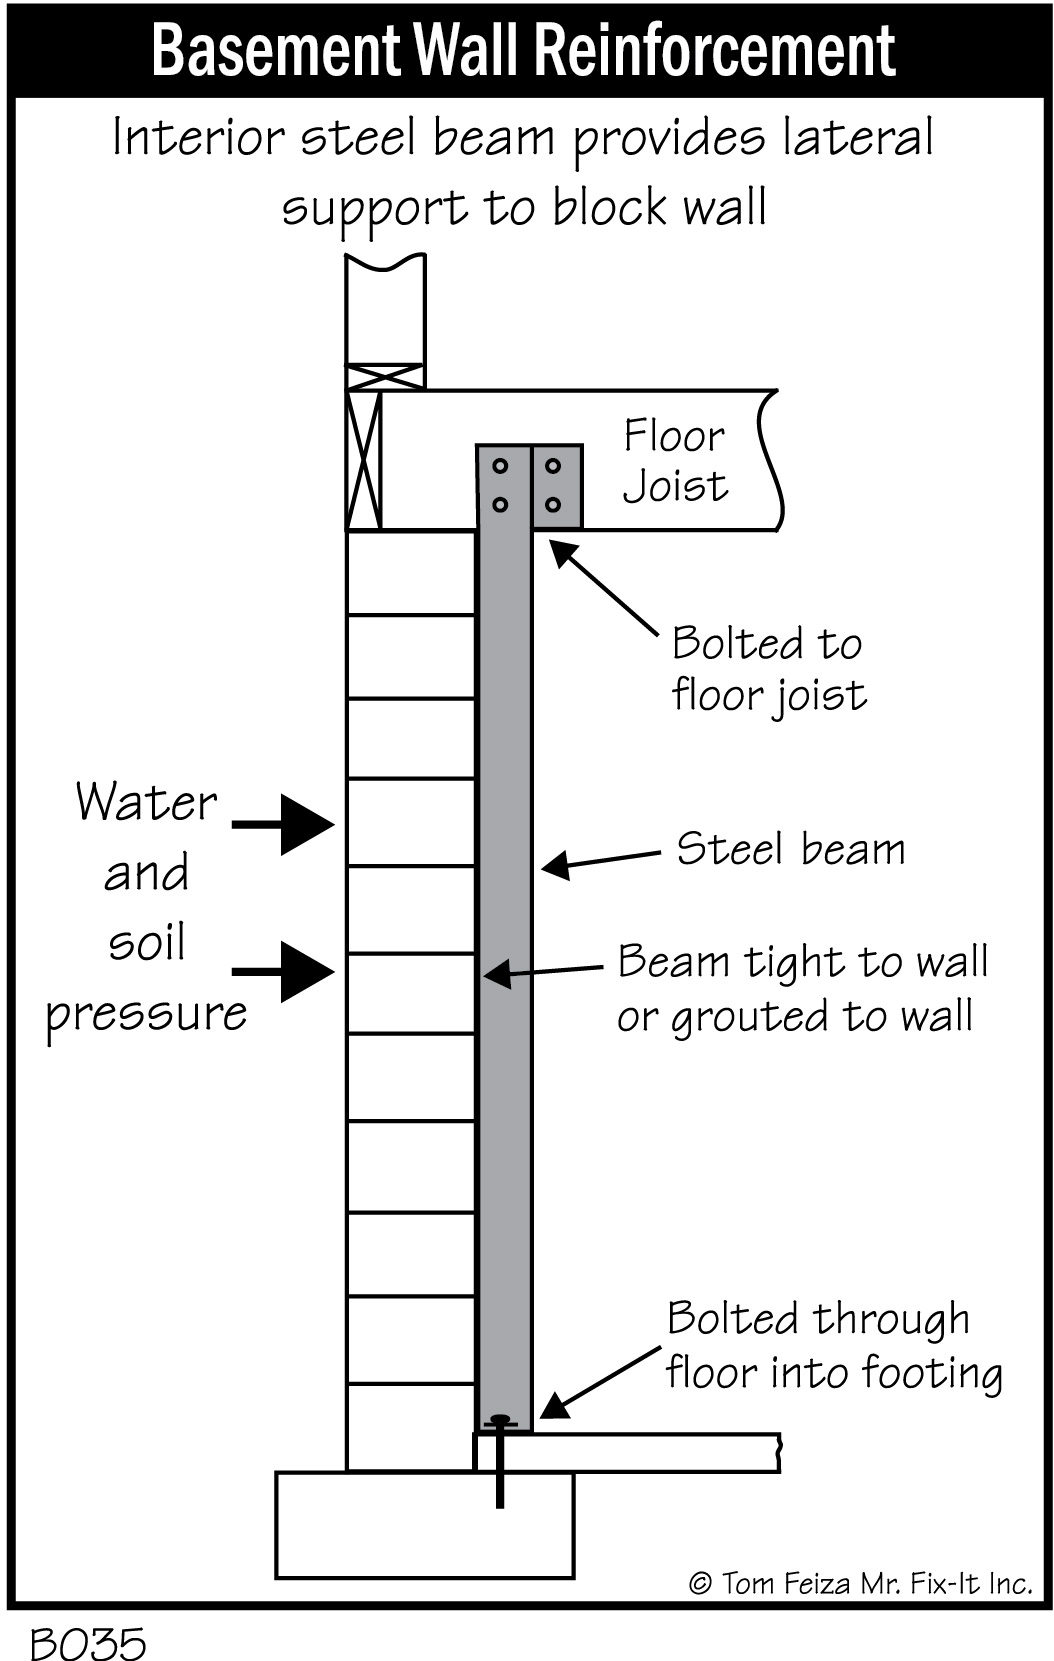 B035 Basement Wall Reinforcement Beams